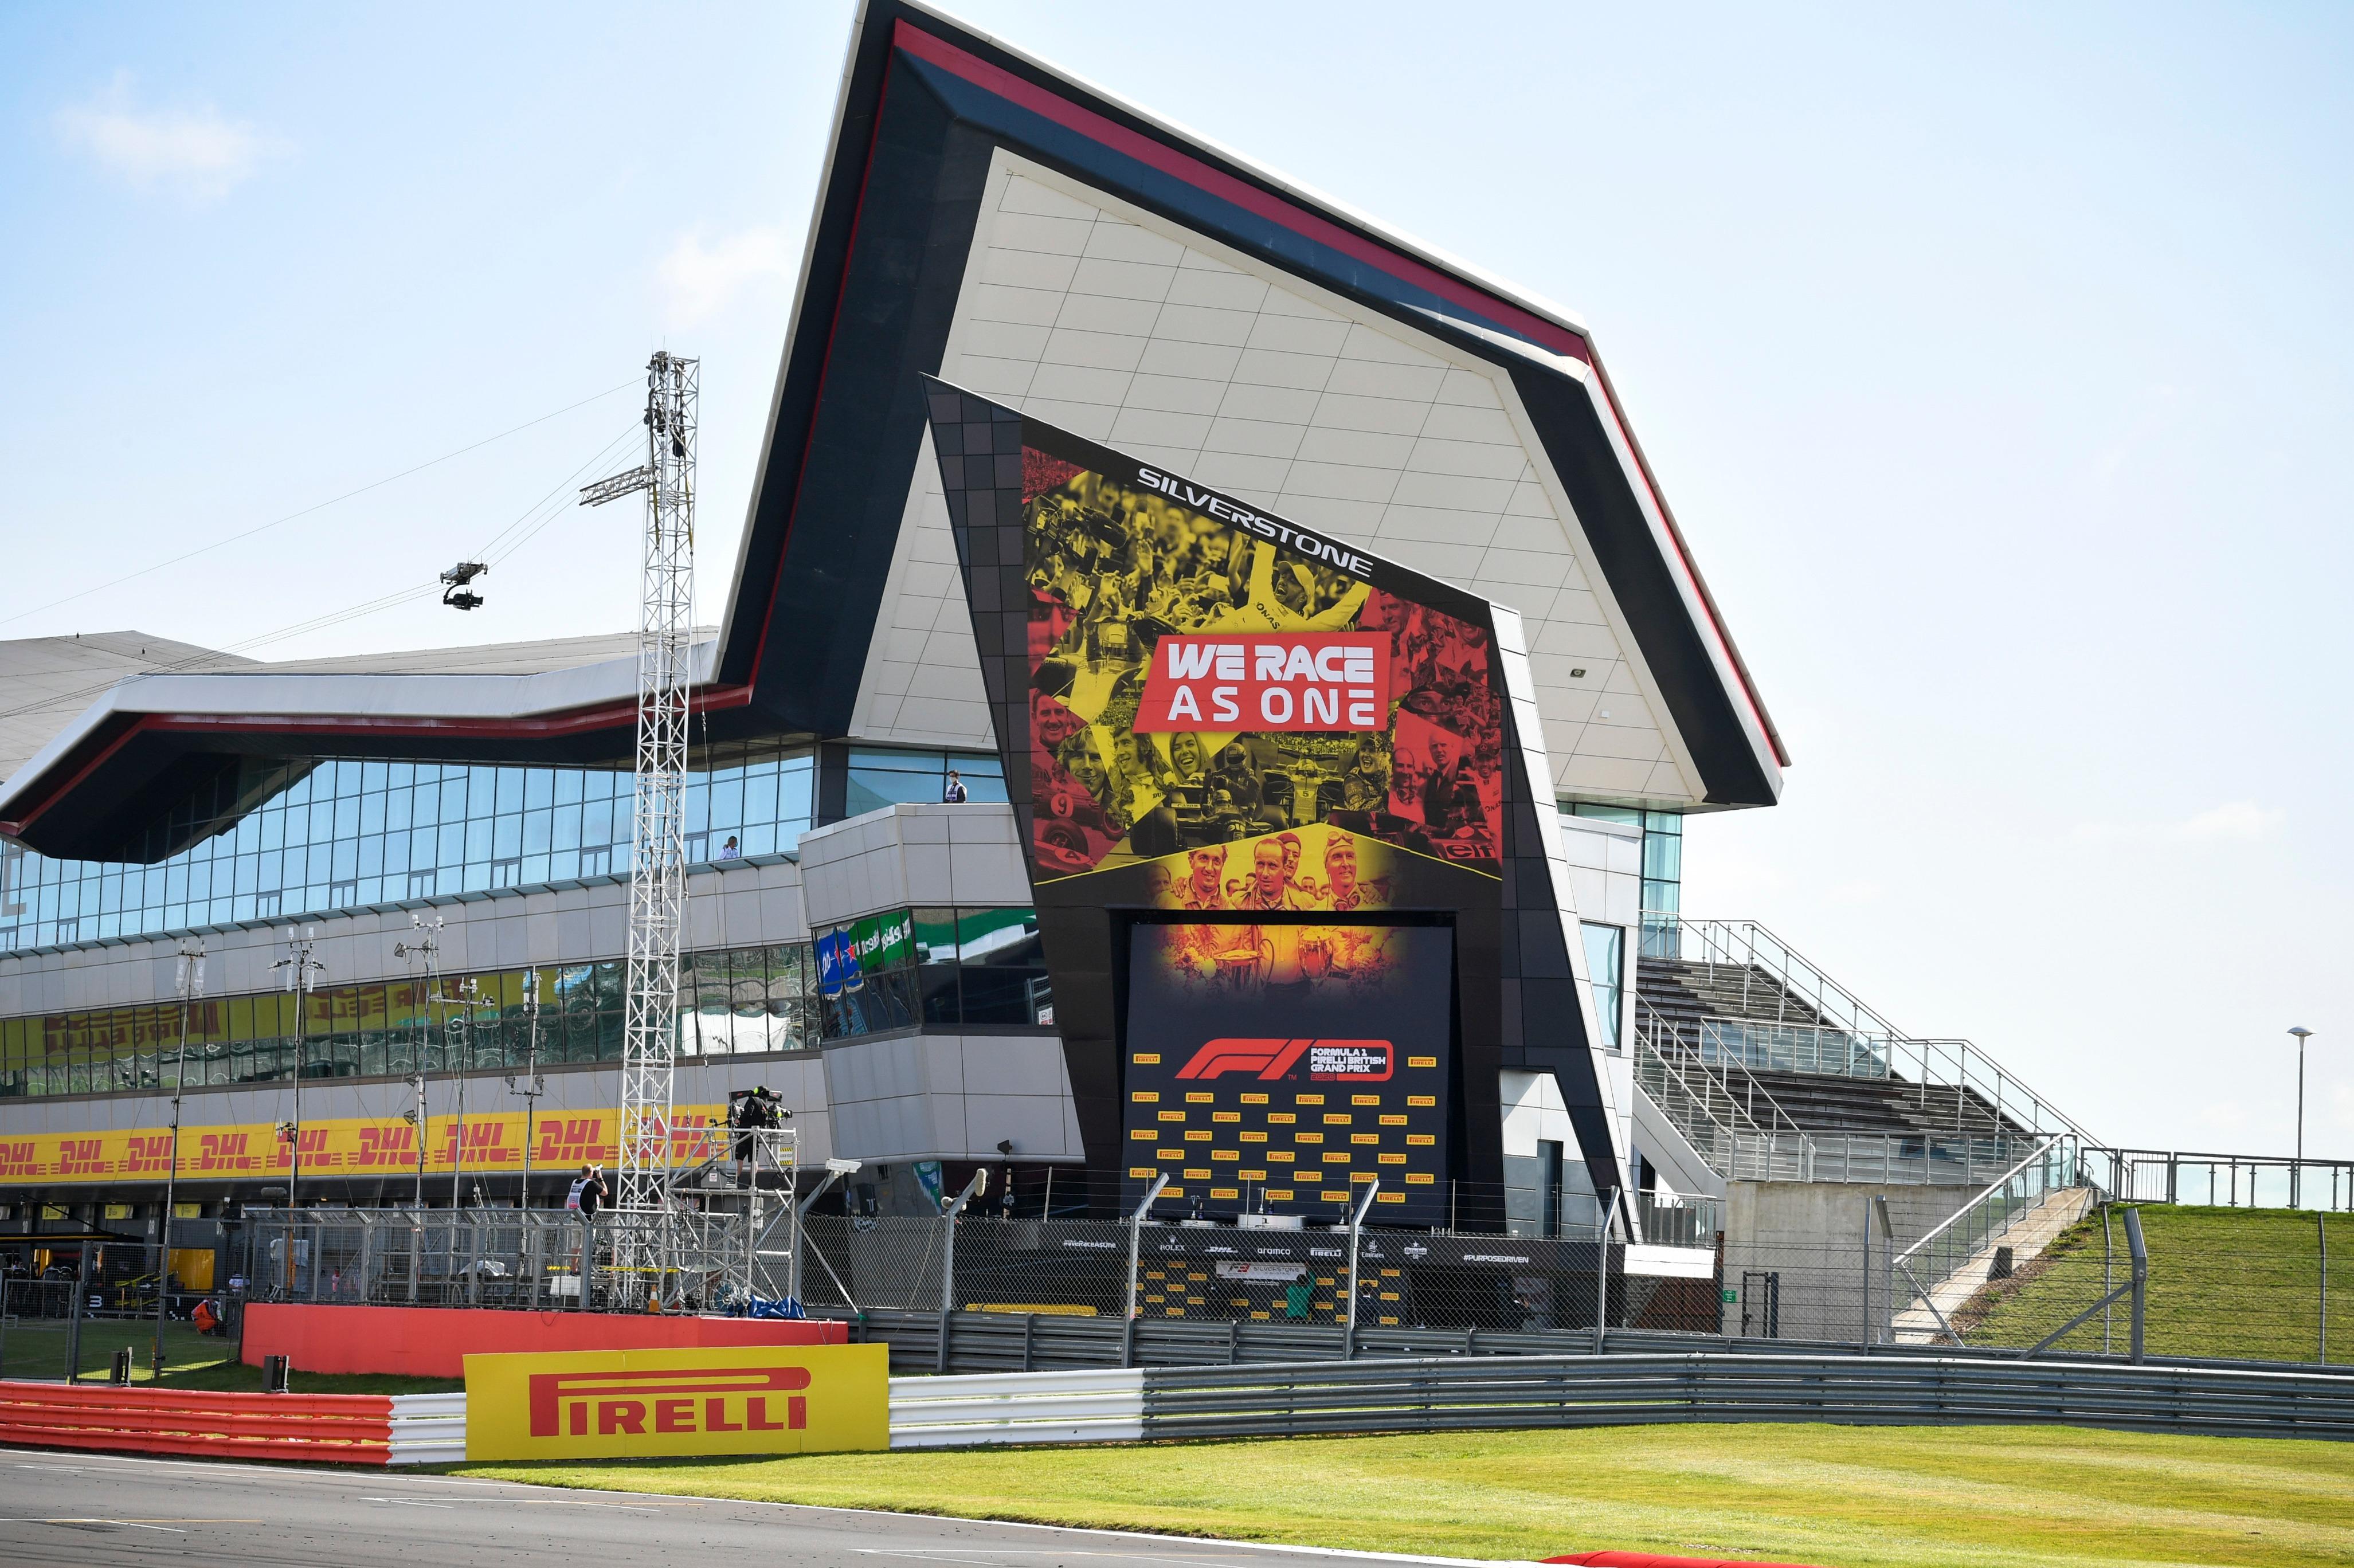 Publicidad de We Race As One en Silverstone 2020